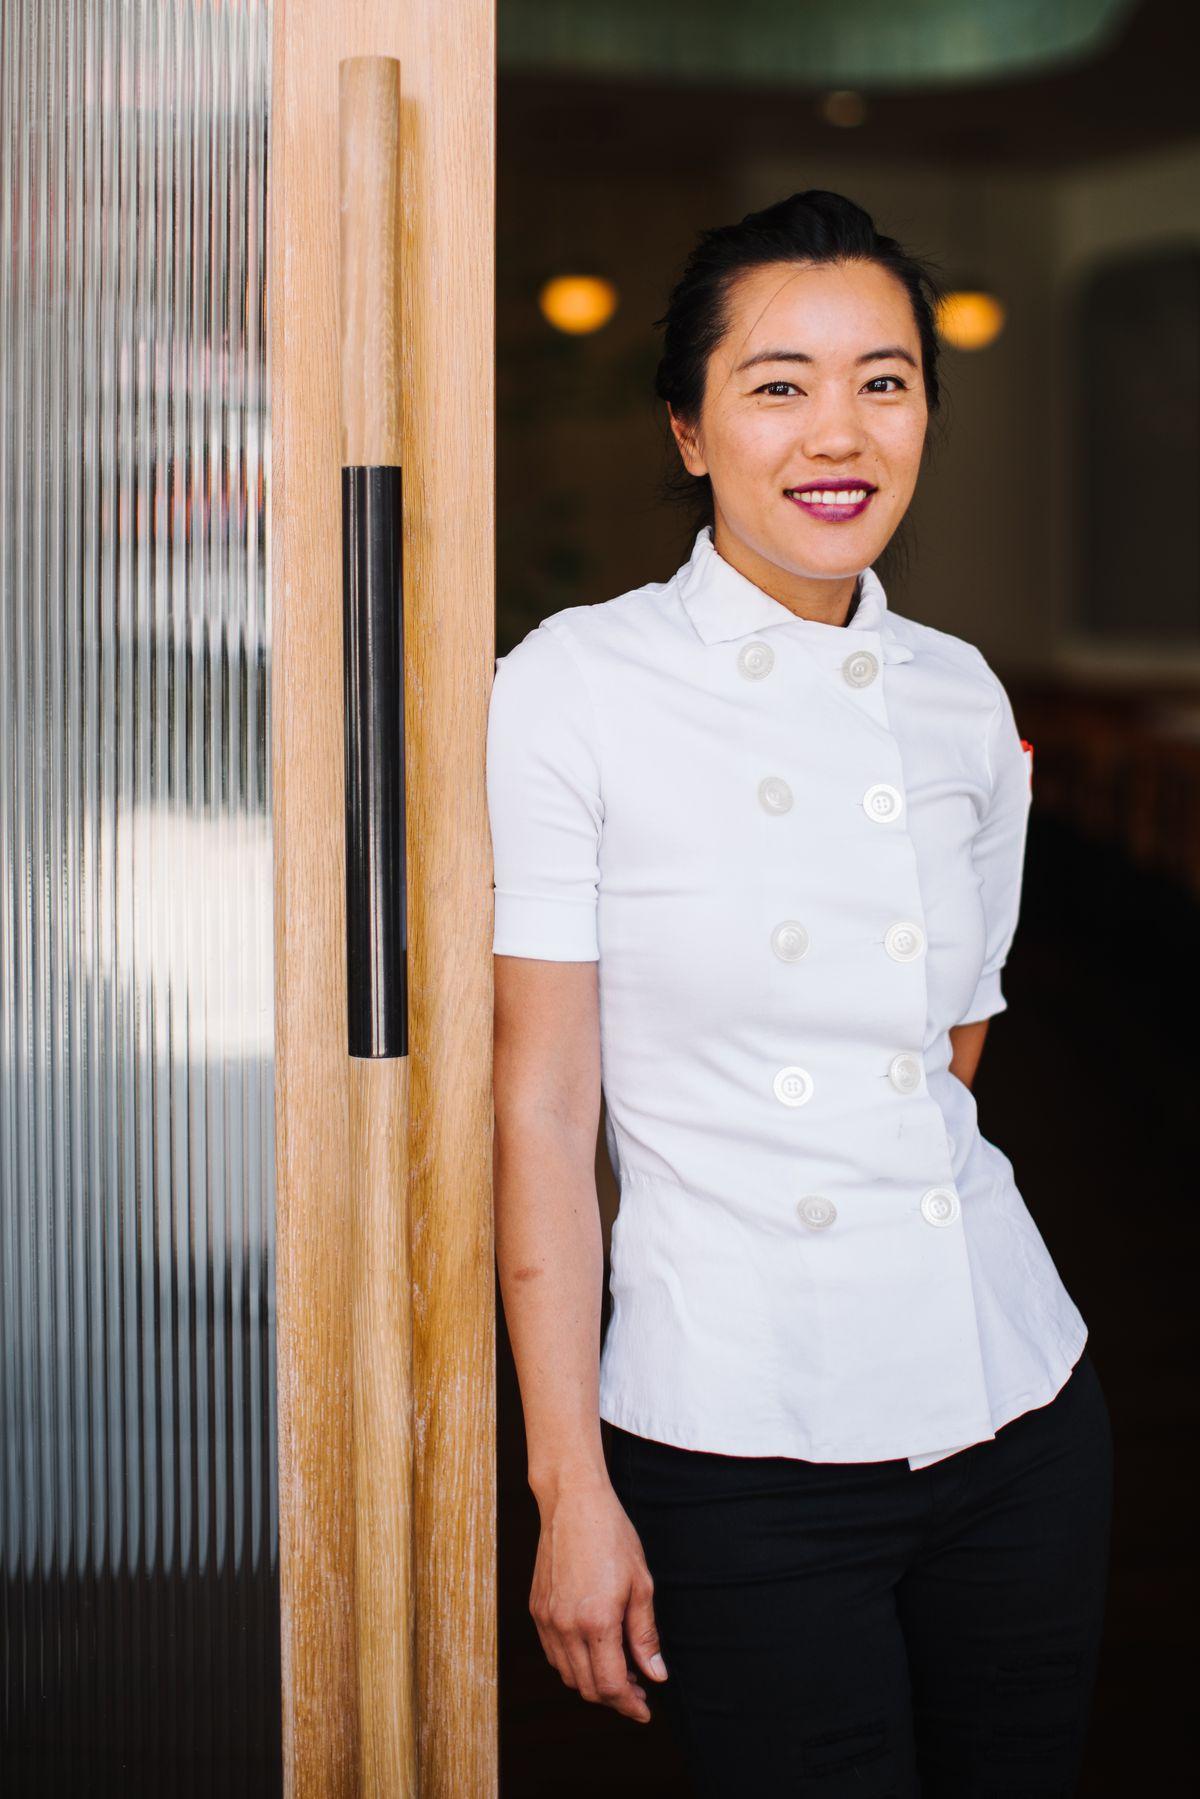 Pastry chef Jen Yee